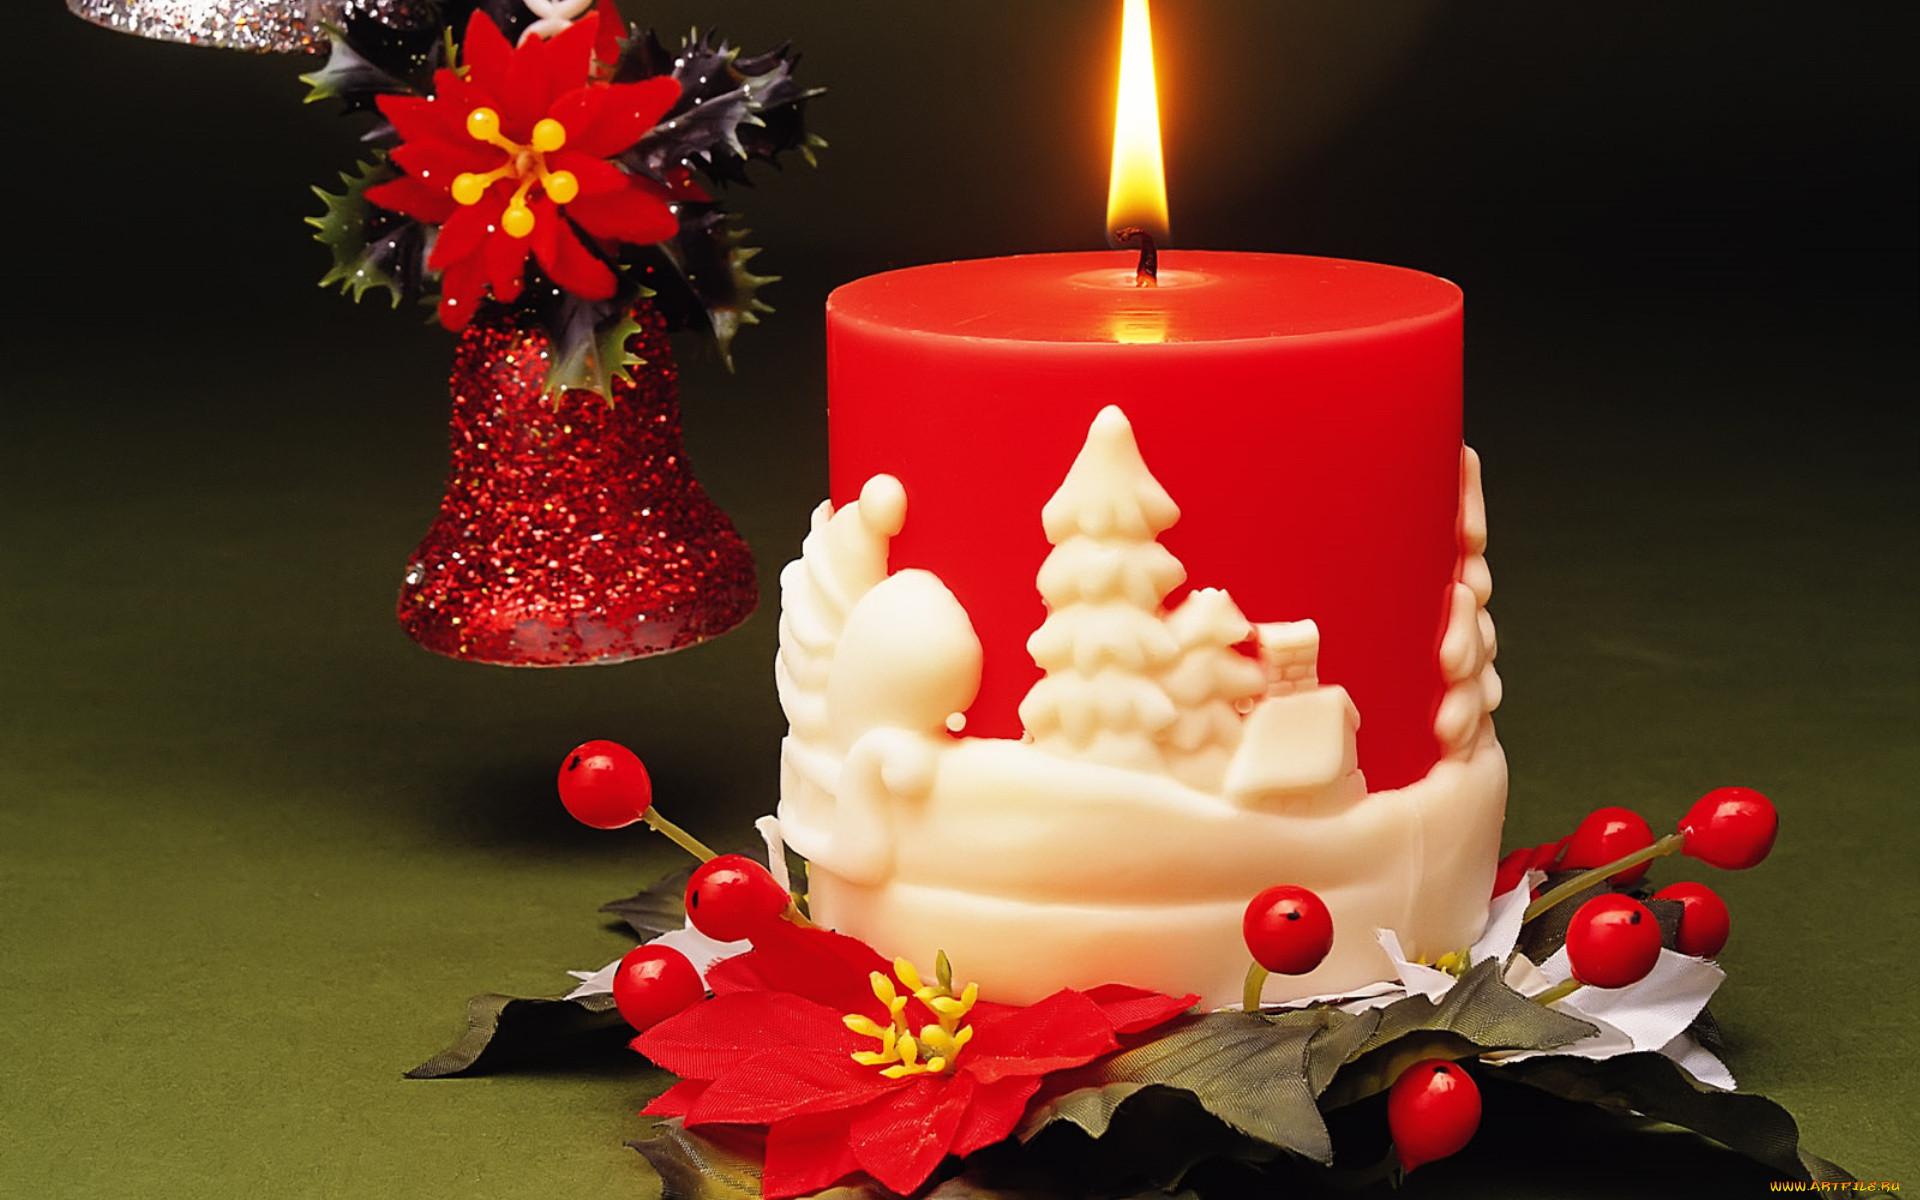 кому-нибудь красивые картинки новогодних свечей уже всем друзьям